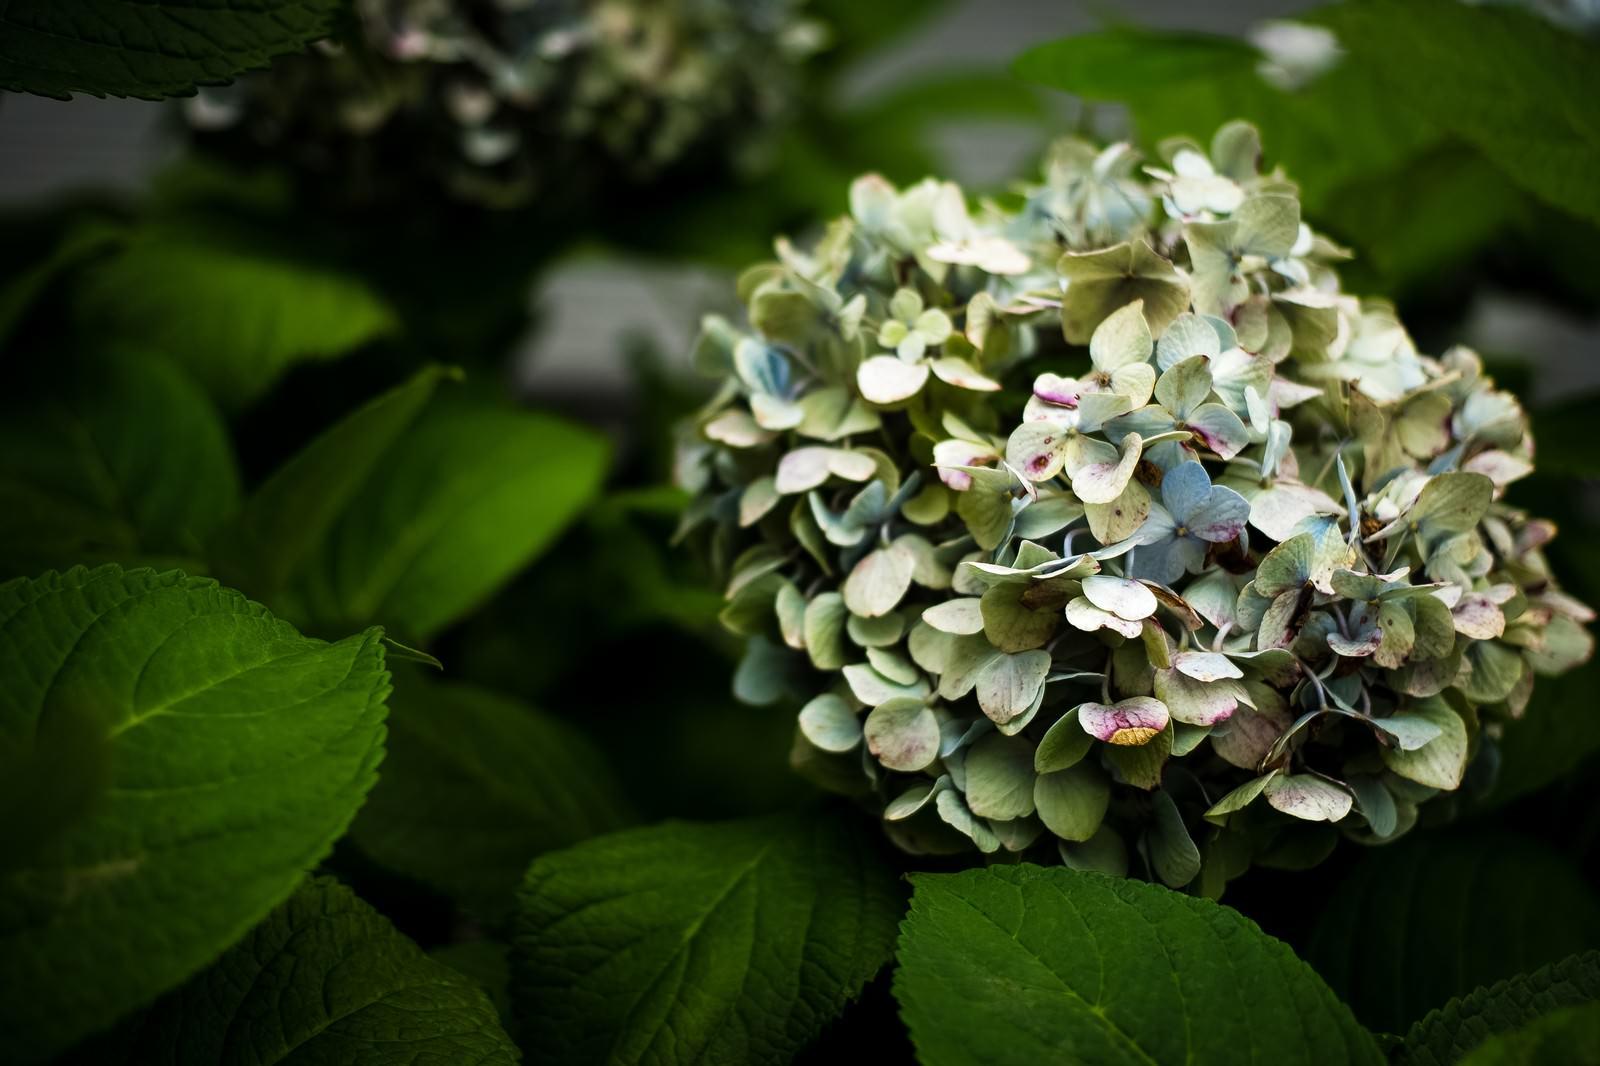 「枯れる紫陽花枯れる紫陽花」のフリー写真素材を拡大